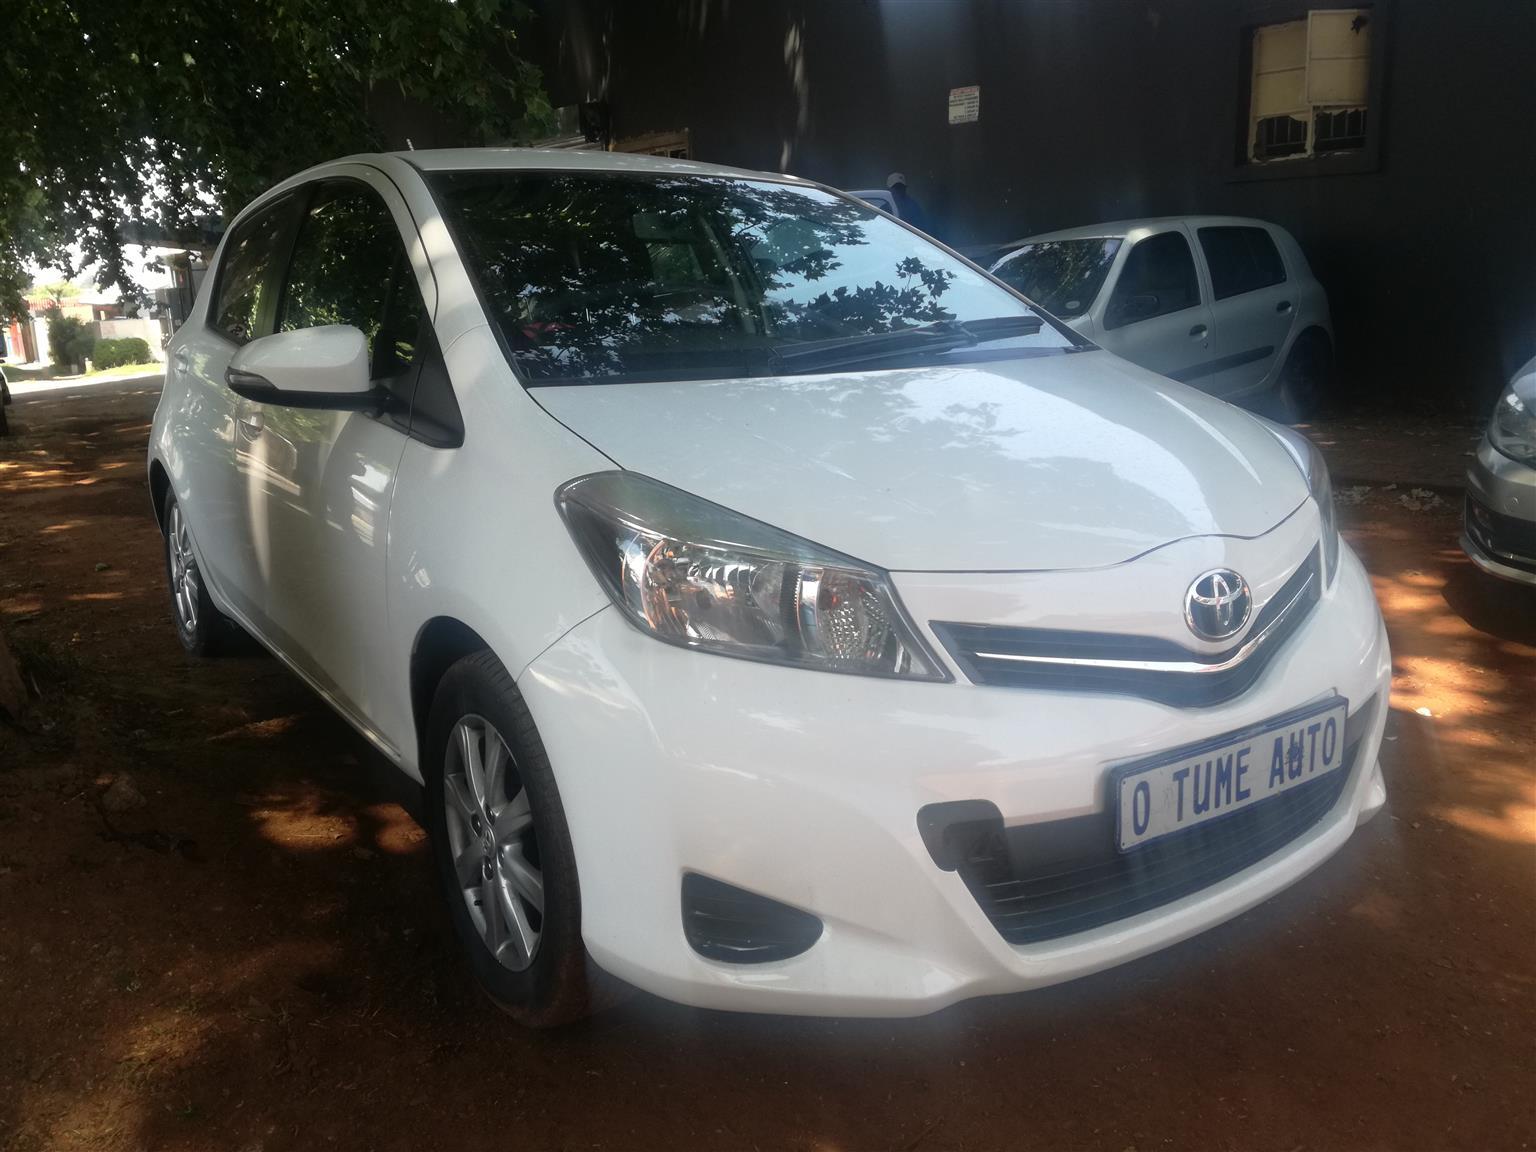 2014 Toyota Yaris 1.3 T3 5 door